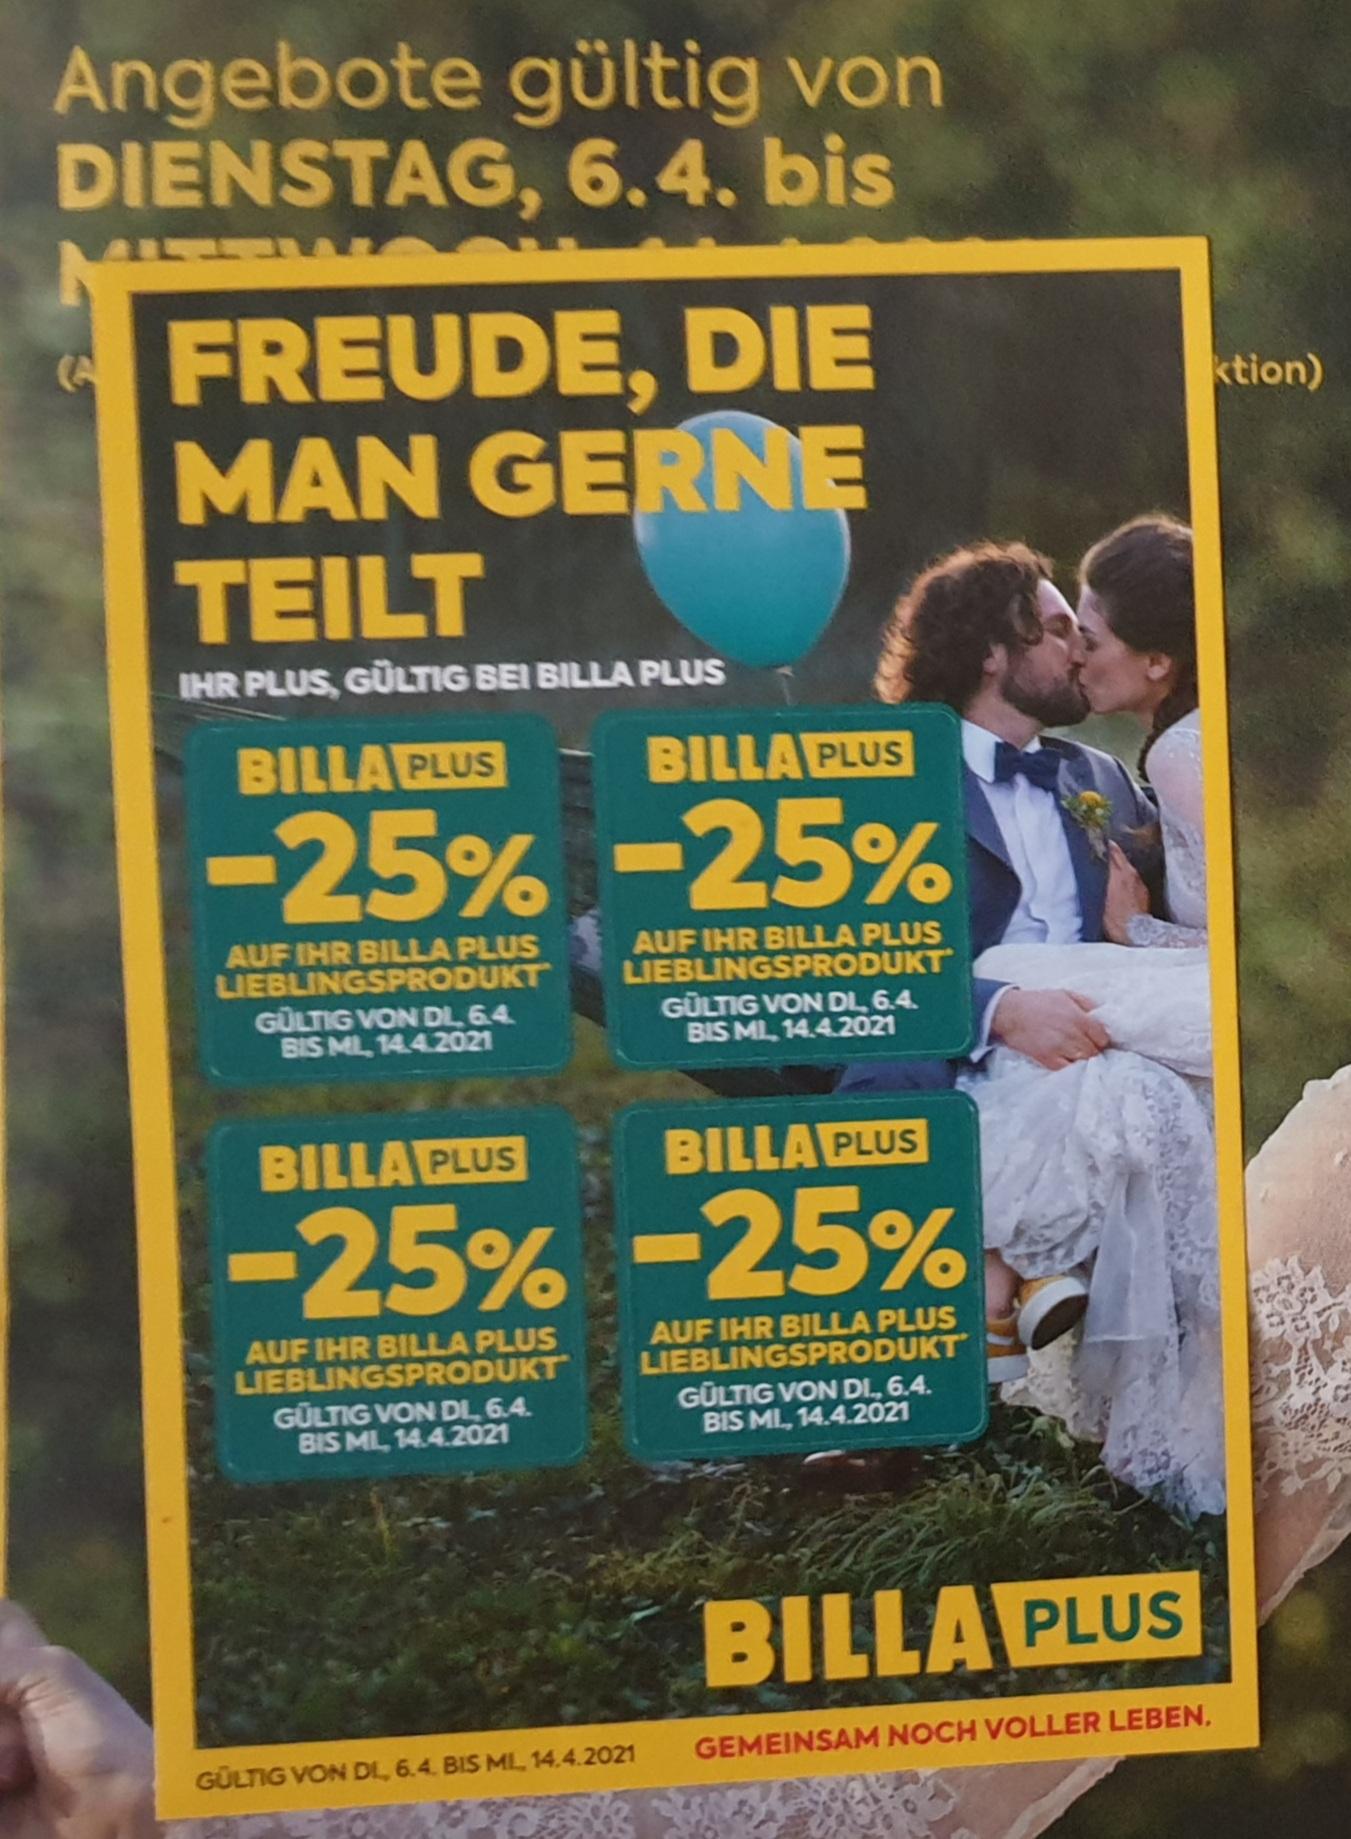 BILLA & BILLA PLUS 25% Rabatt Pickerl von 06.04.2021 bis 14.04.2021 als Beilage in der heutigen Sonntags Kronen Zeitung